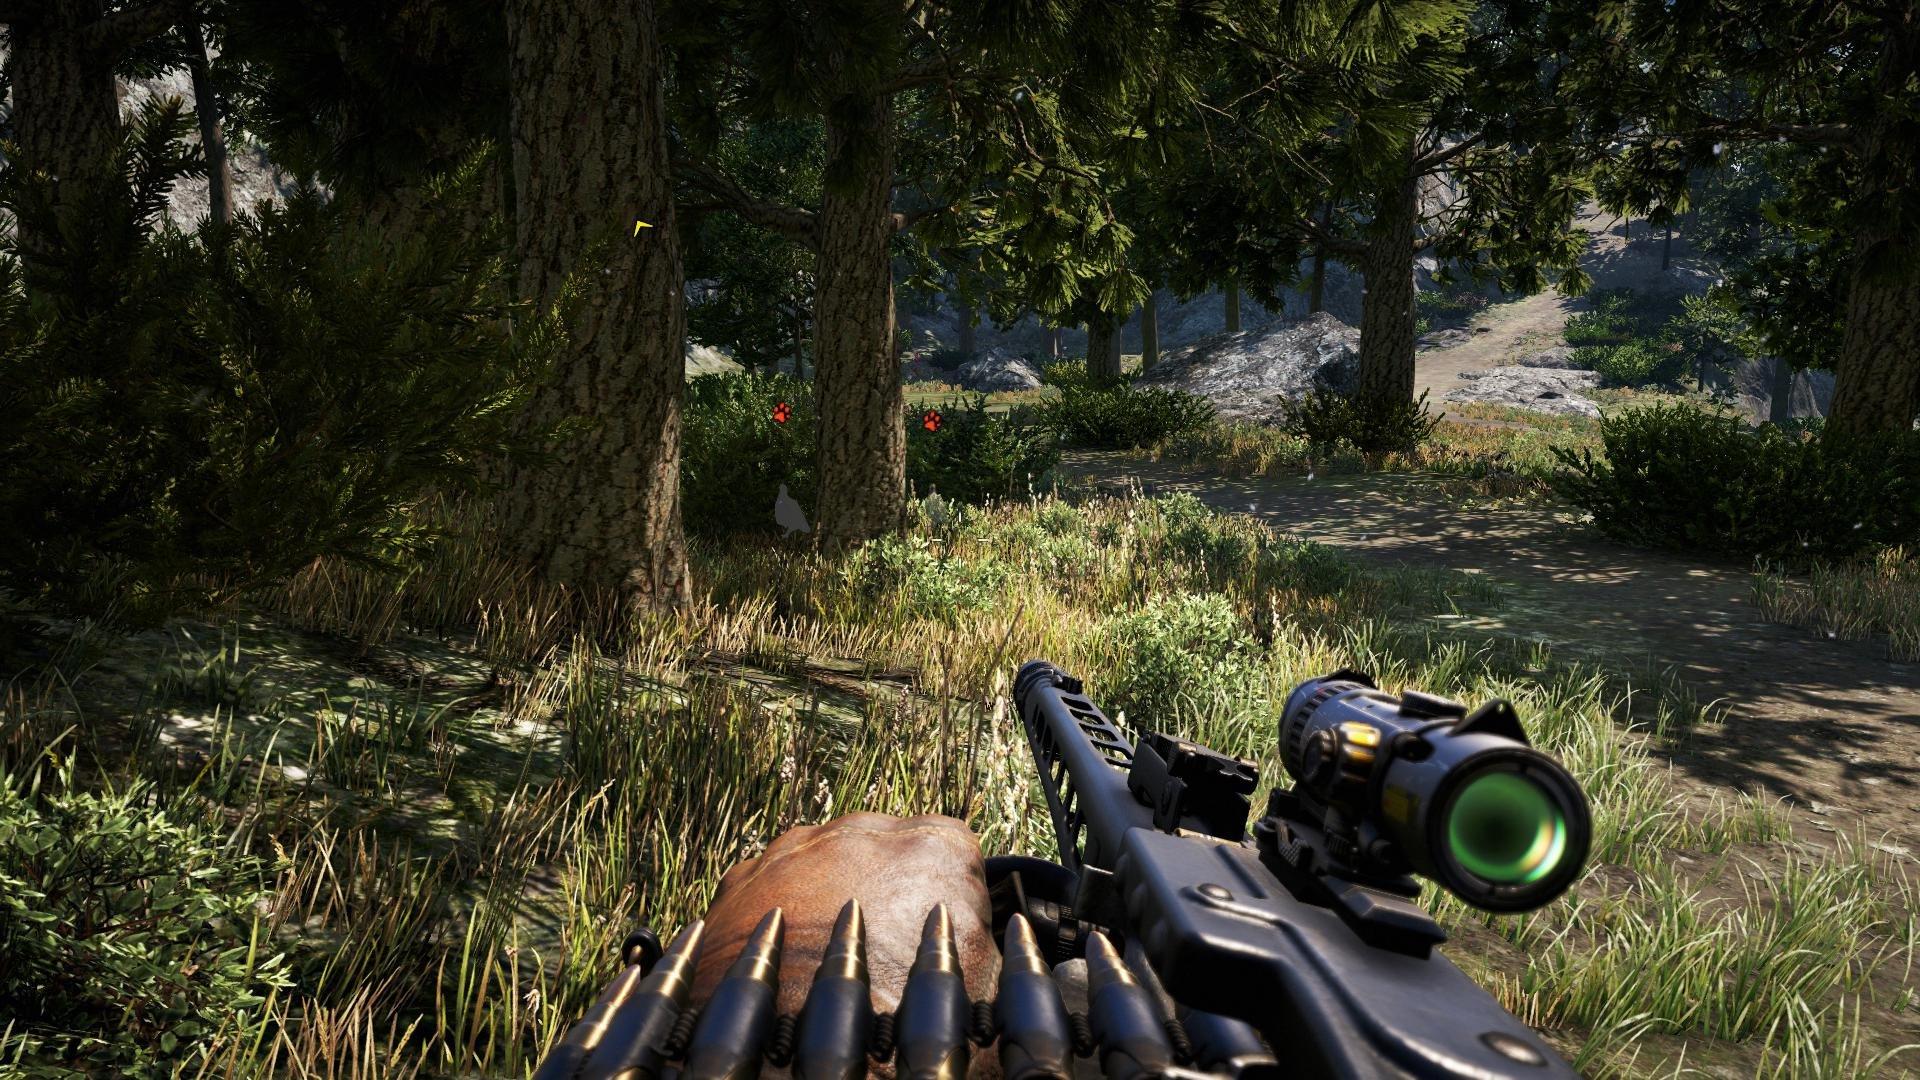 Far  Cry 4 - Page 2 6fdd42b7-33e3-48d0-b407-ba224196ad92